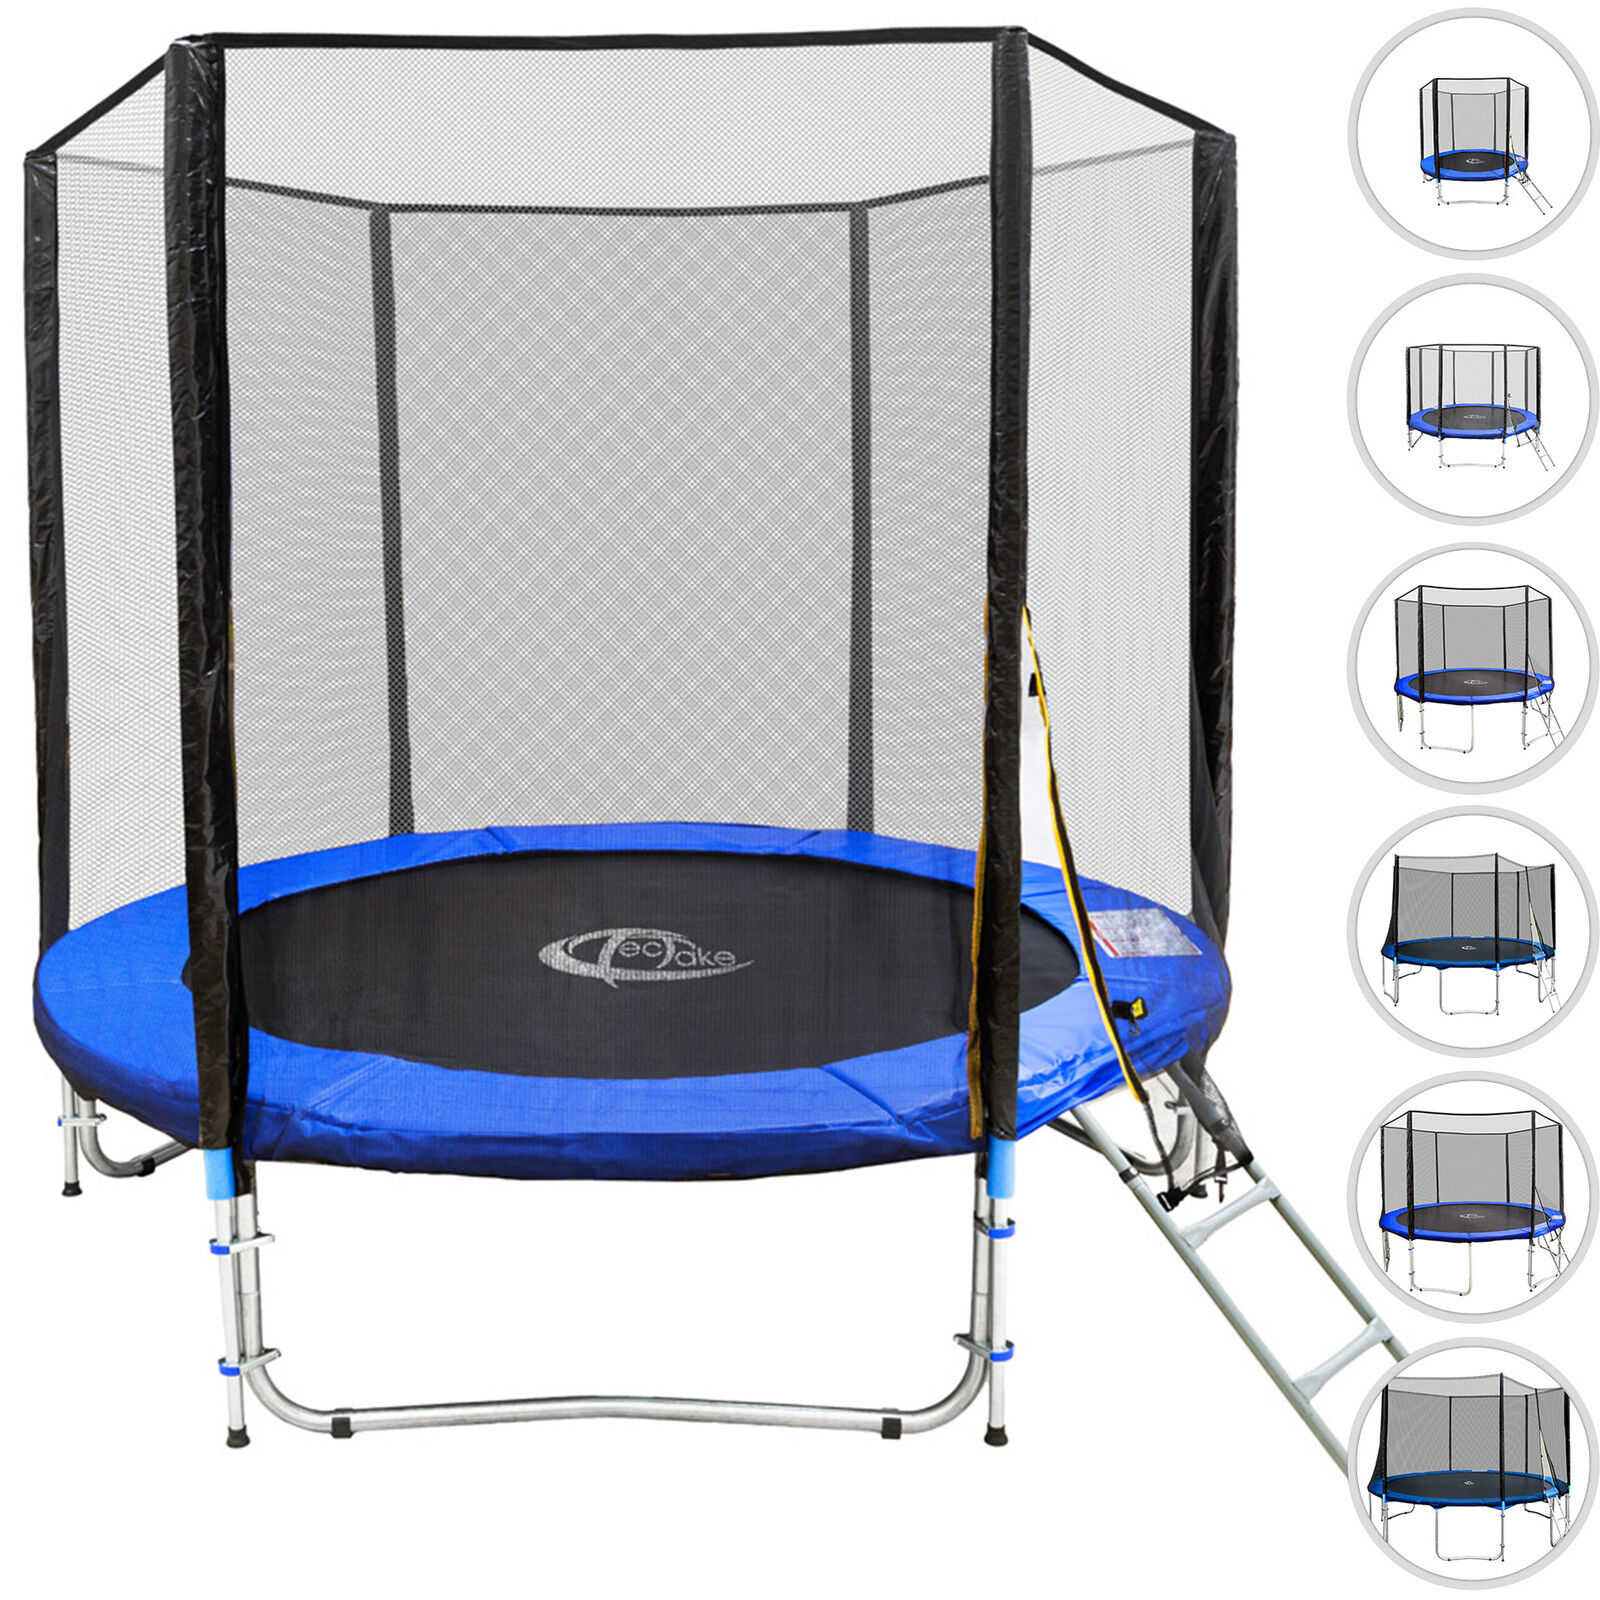 Trampoline jardin de jardin Trampoline set complet avec filet de sécurité et échelle b79a1d